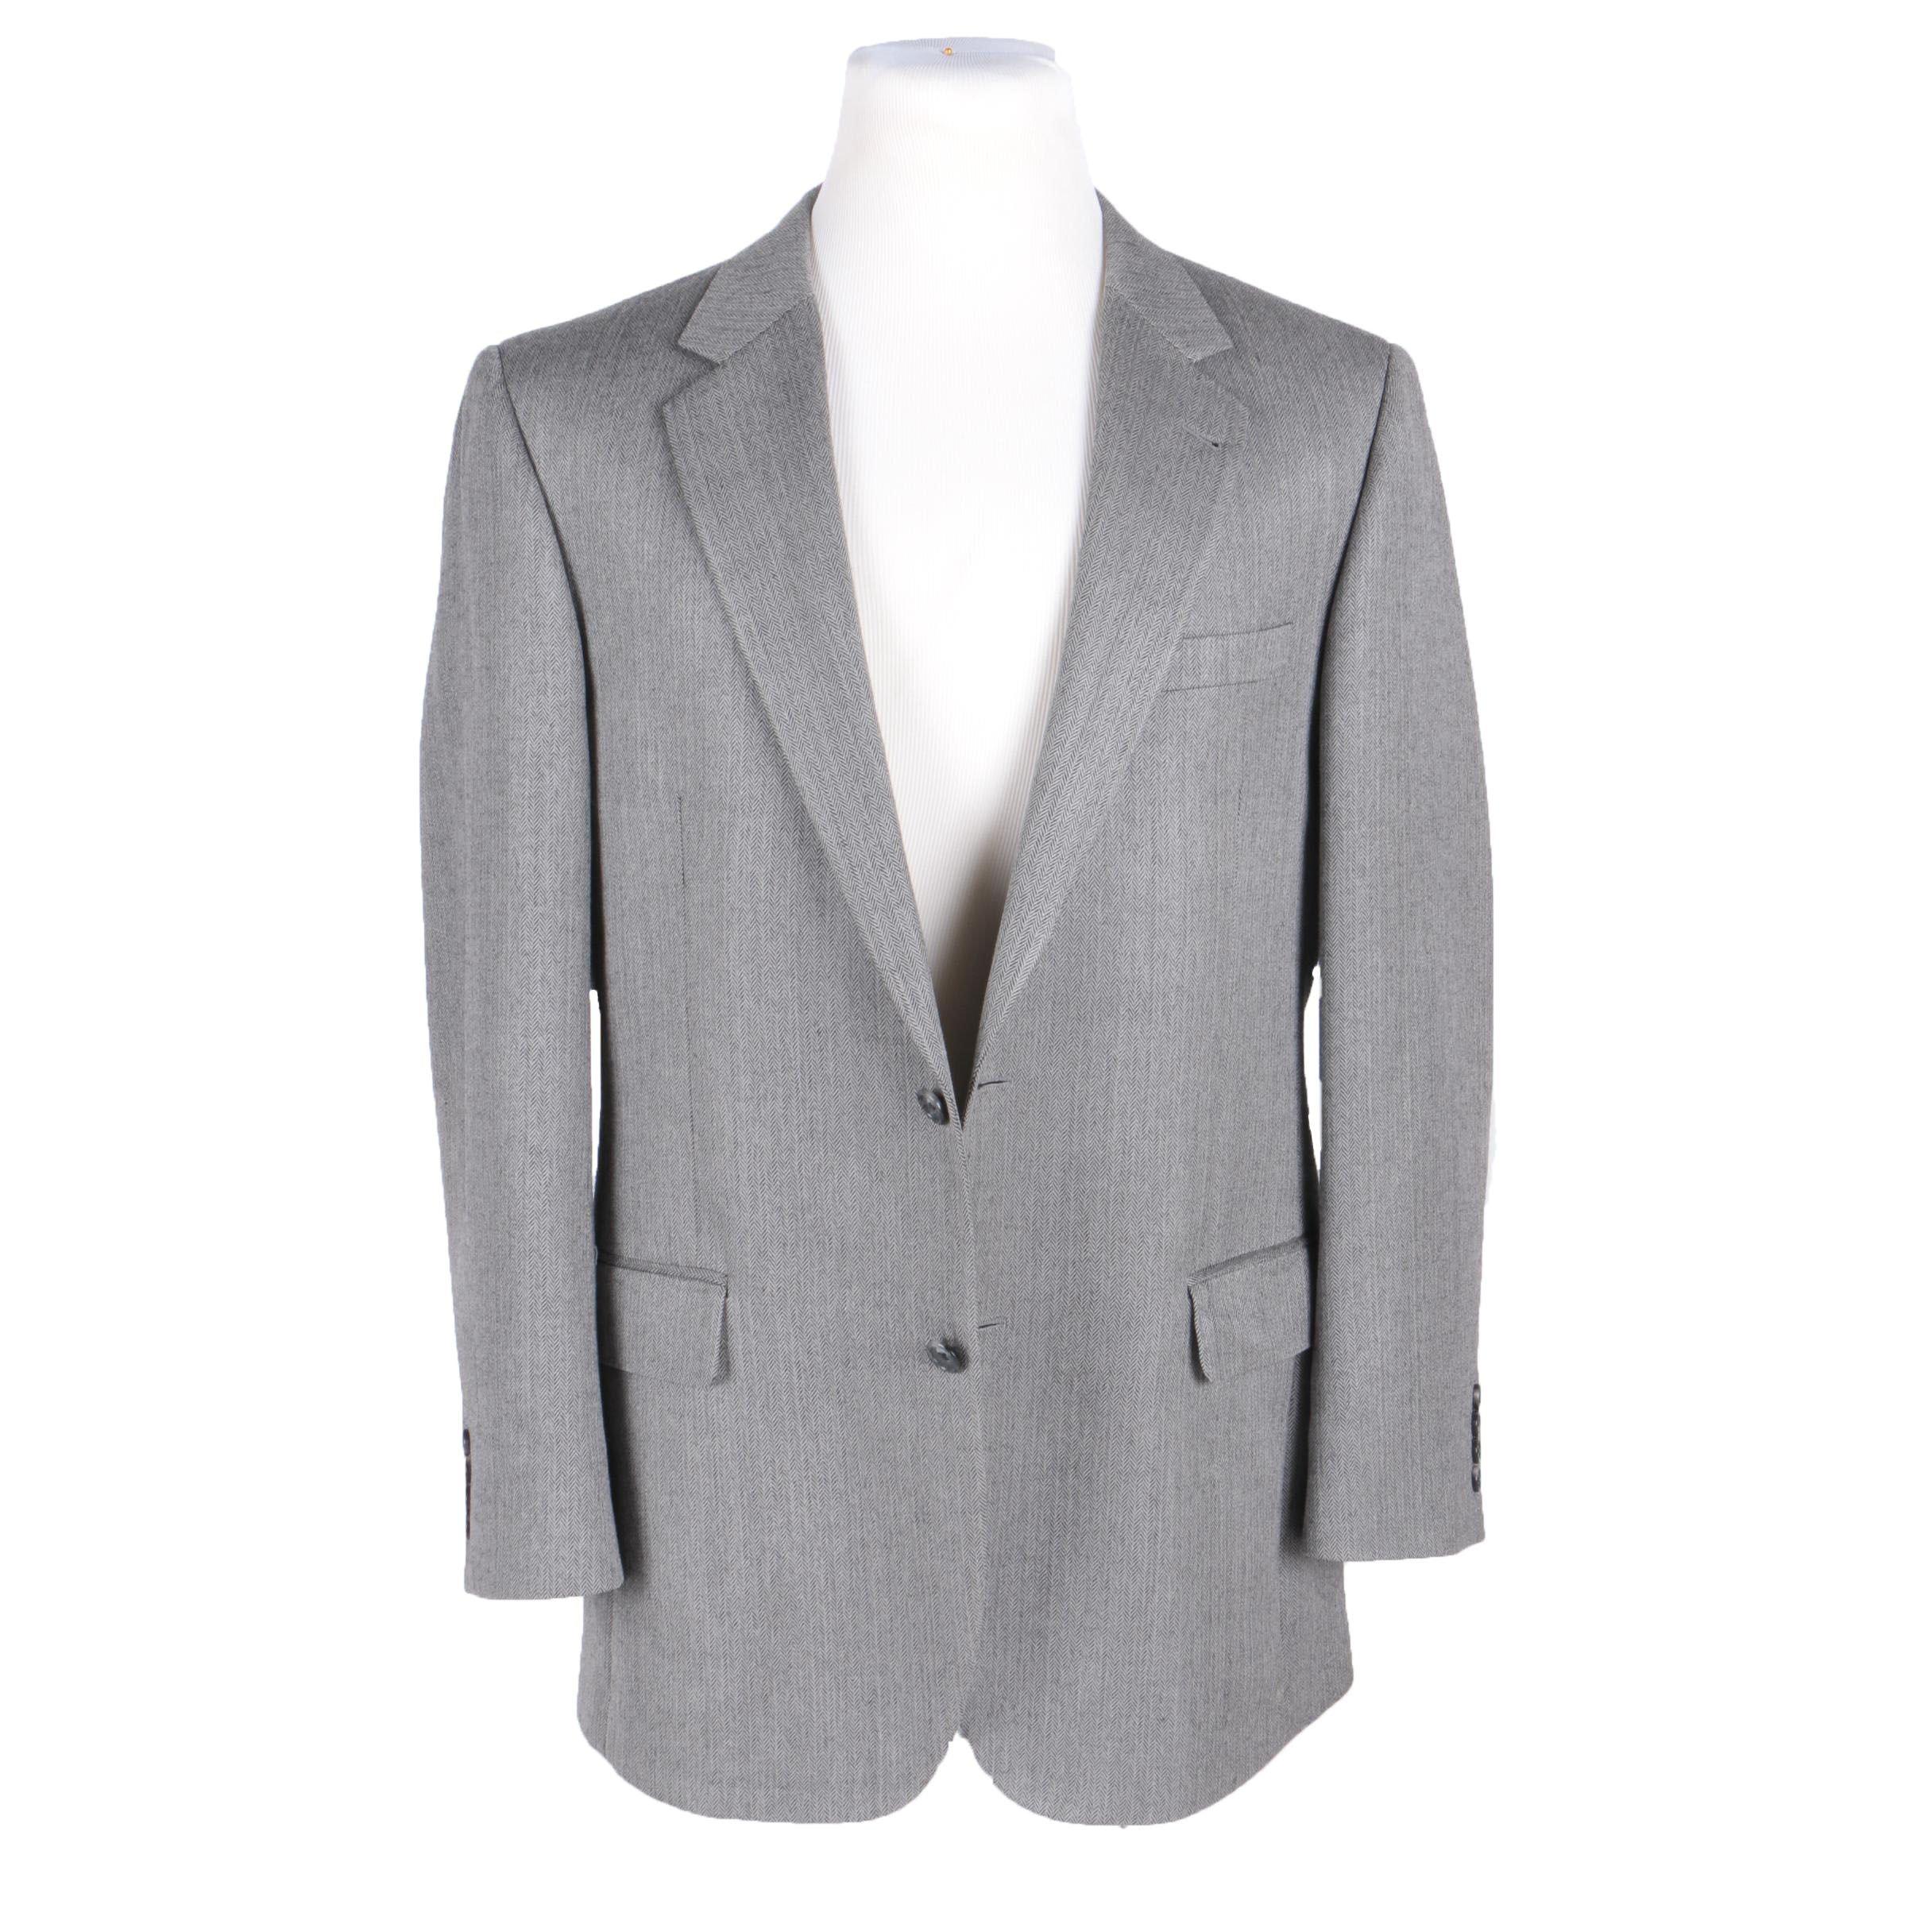 Men's Jos. A. Bank Signature Collection Suit Jacket